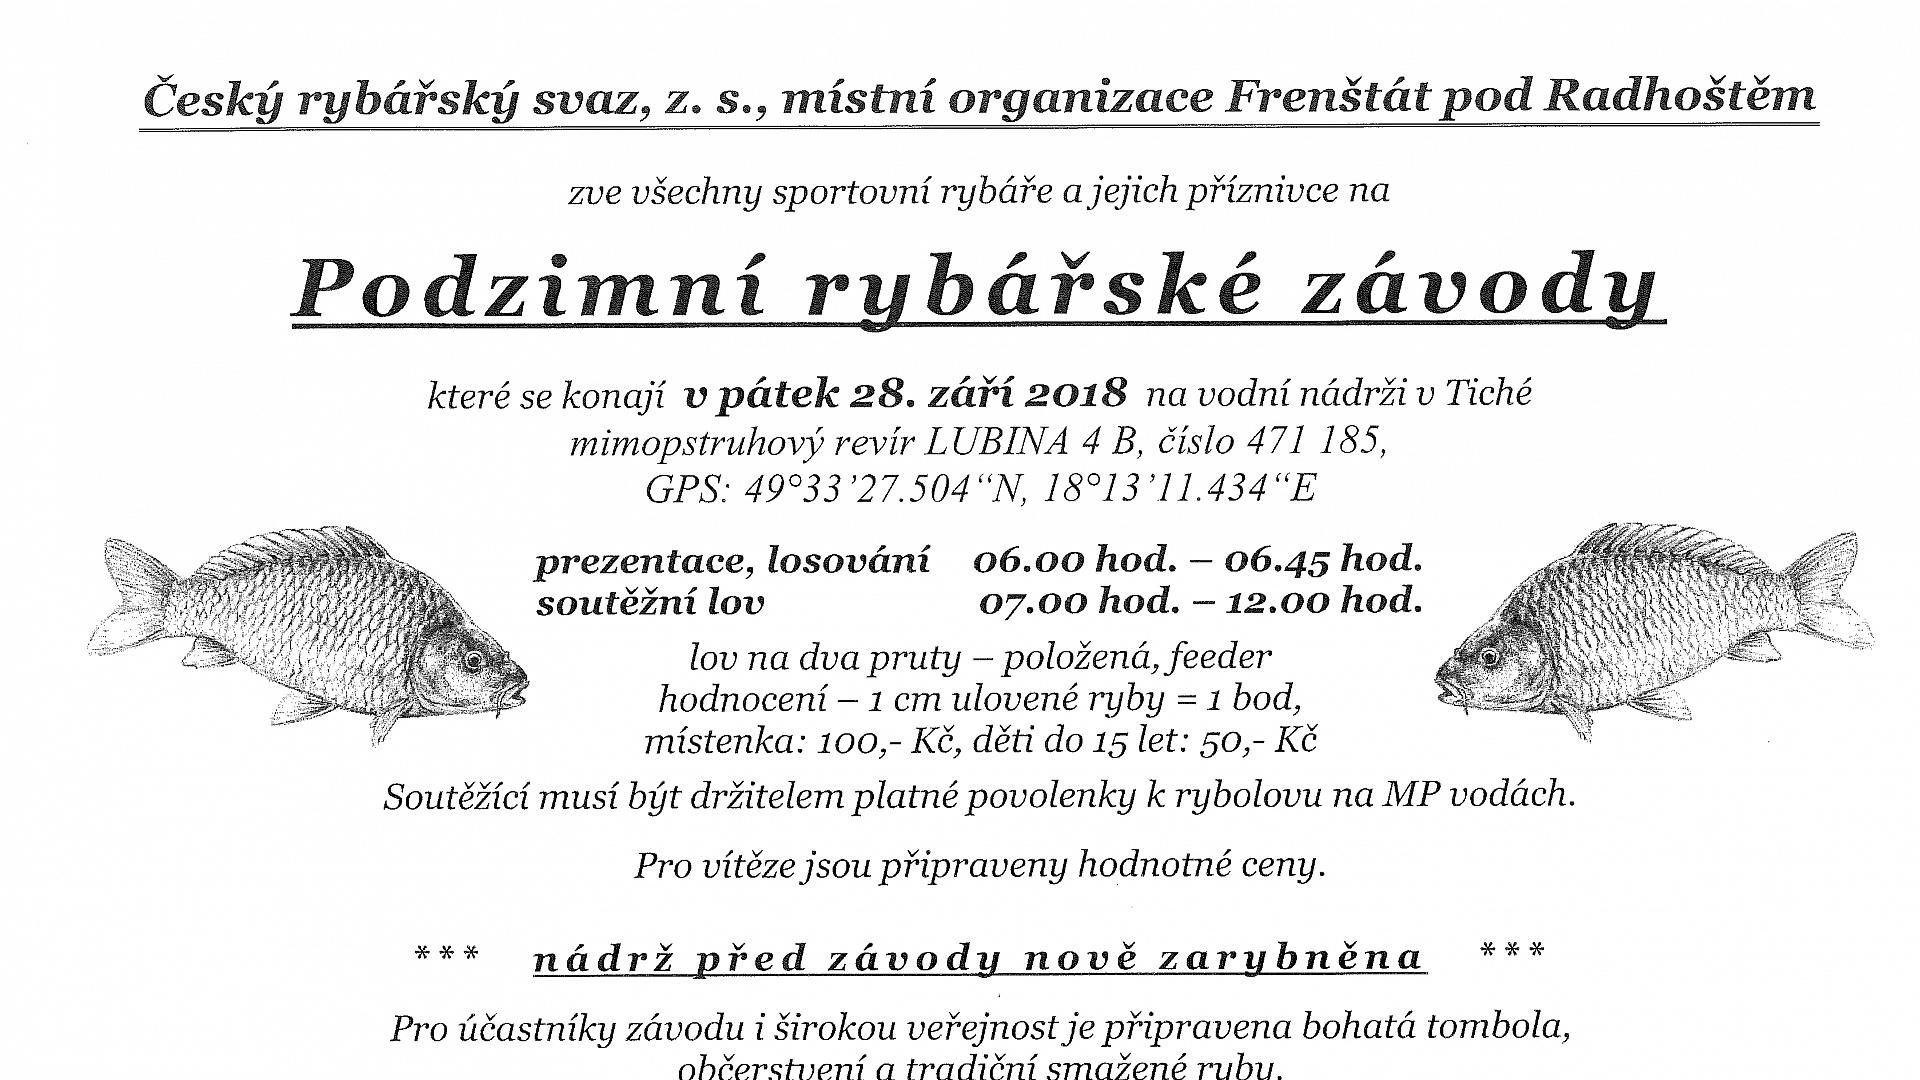 Český rybářský svaz, z. s., místní organizace Frenštát pod Radhoštěm - Podzimní rybářské závody 2018